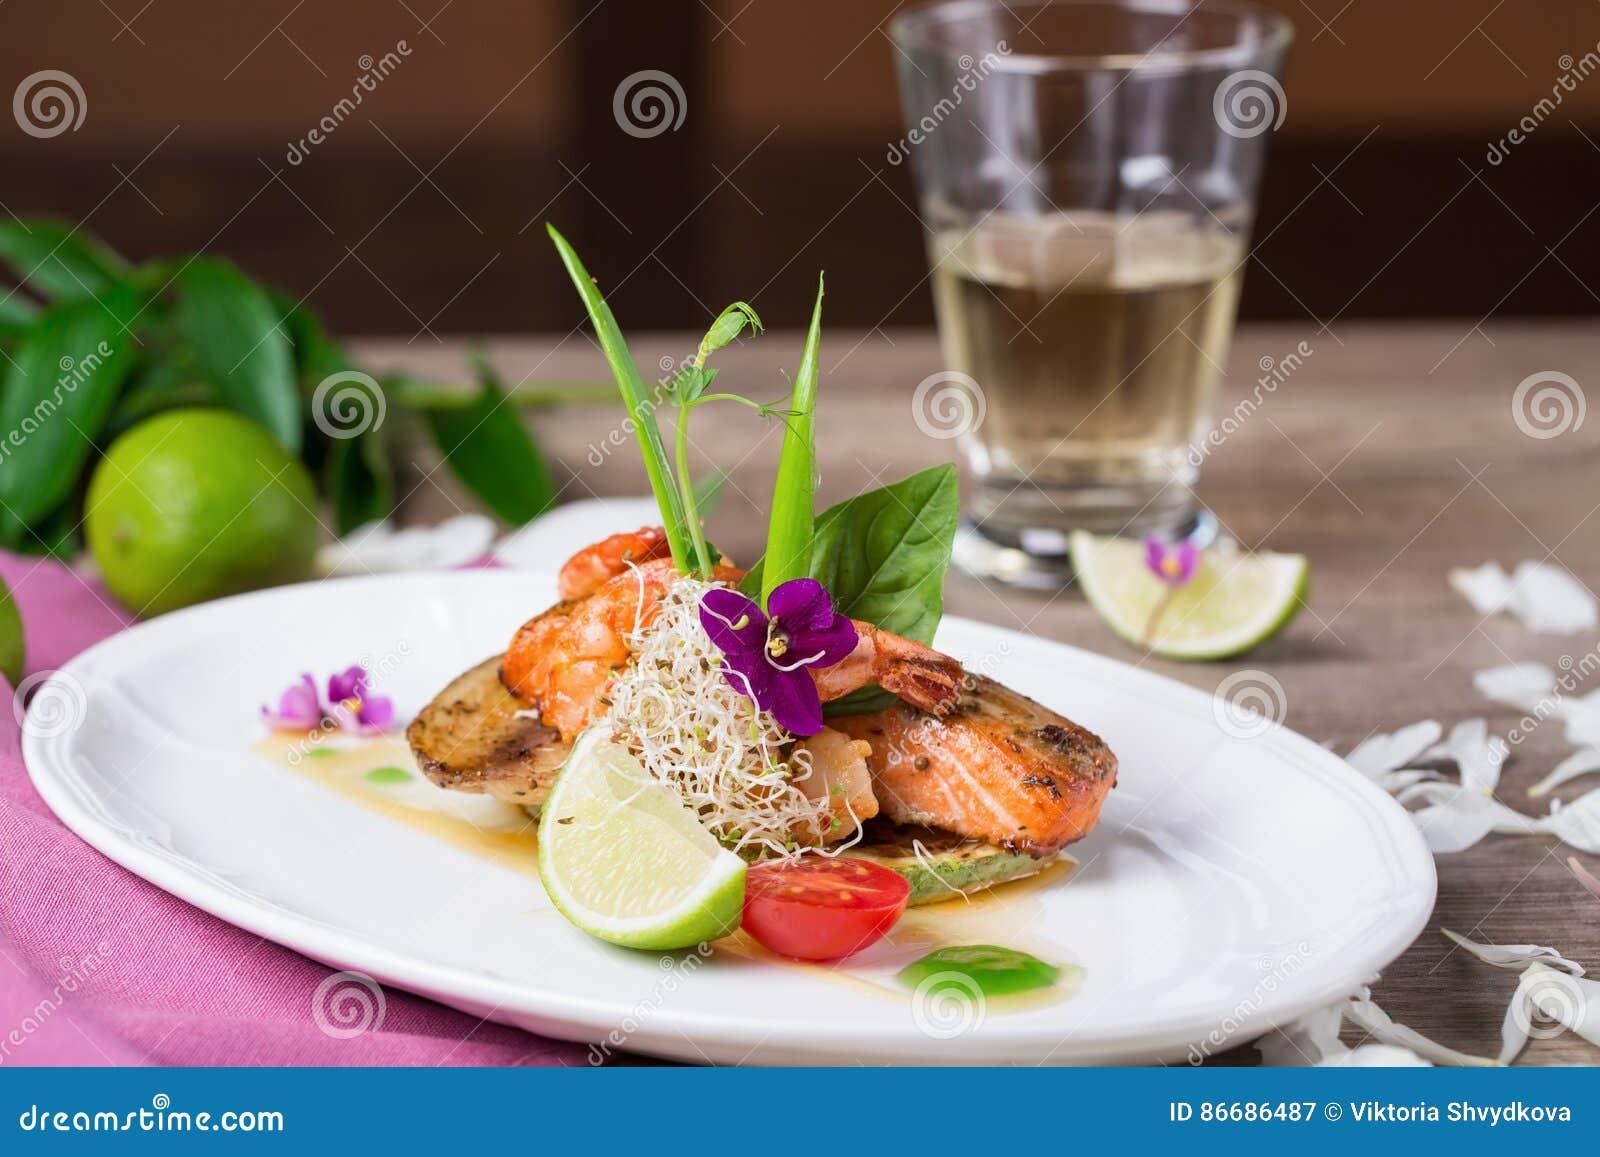 Ein köstlicher Teller von gegrillten Lachsen